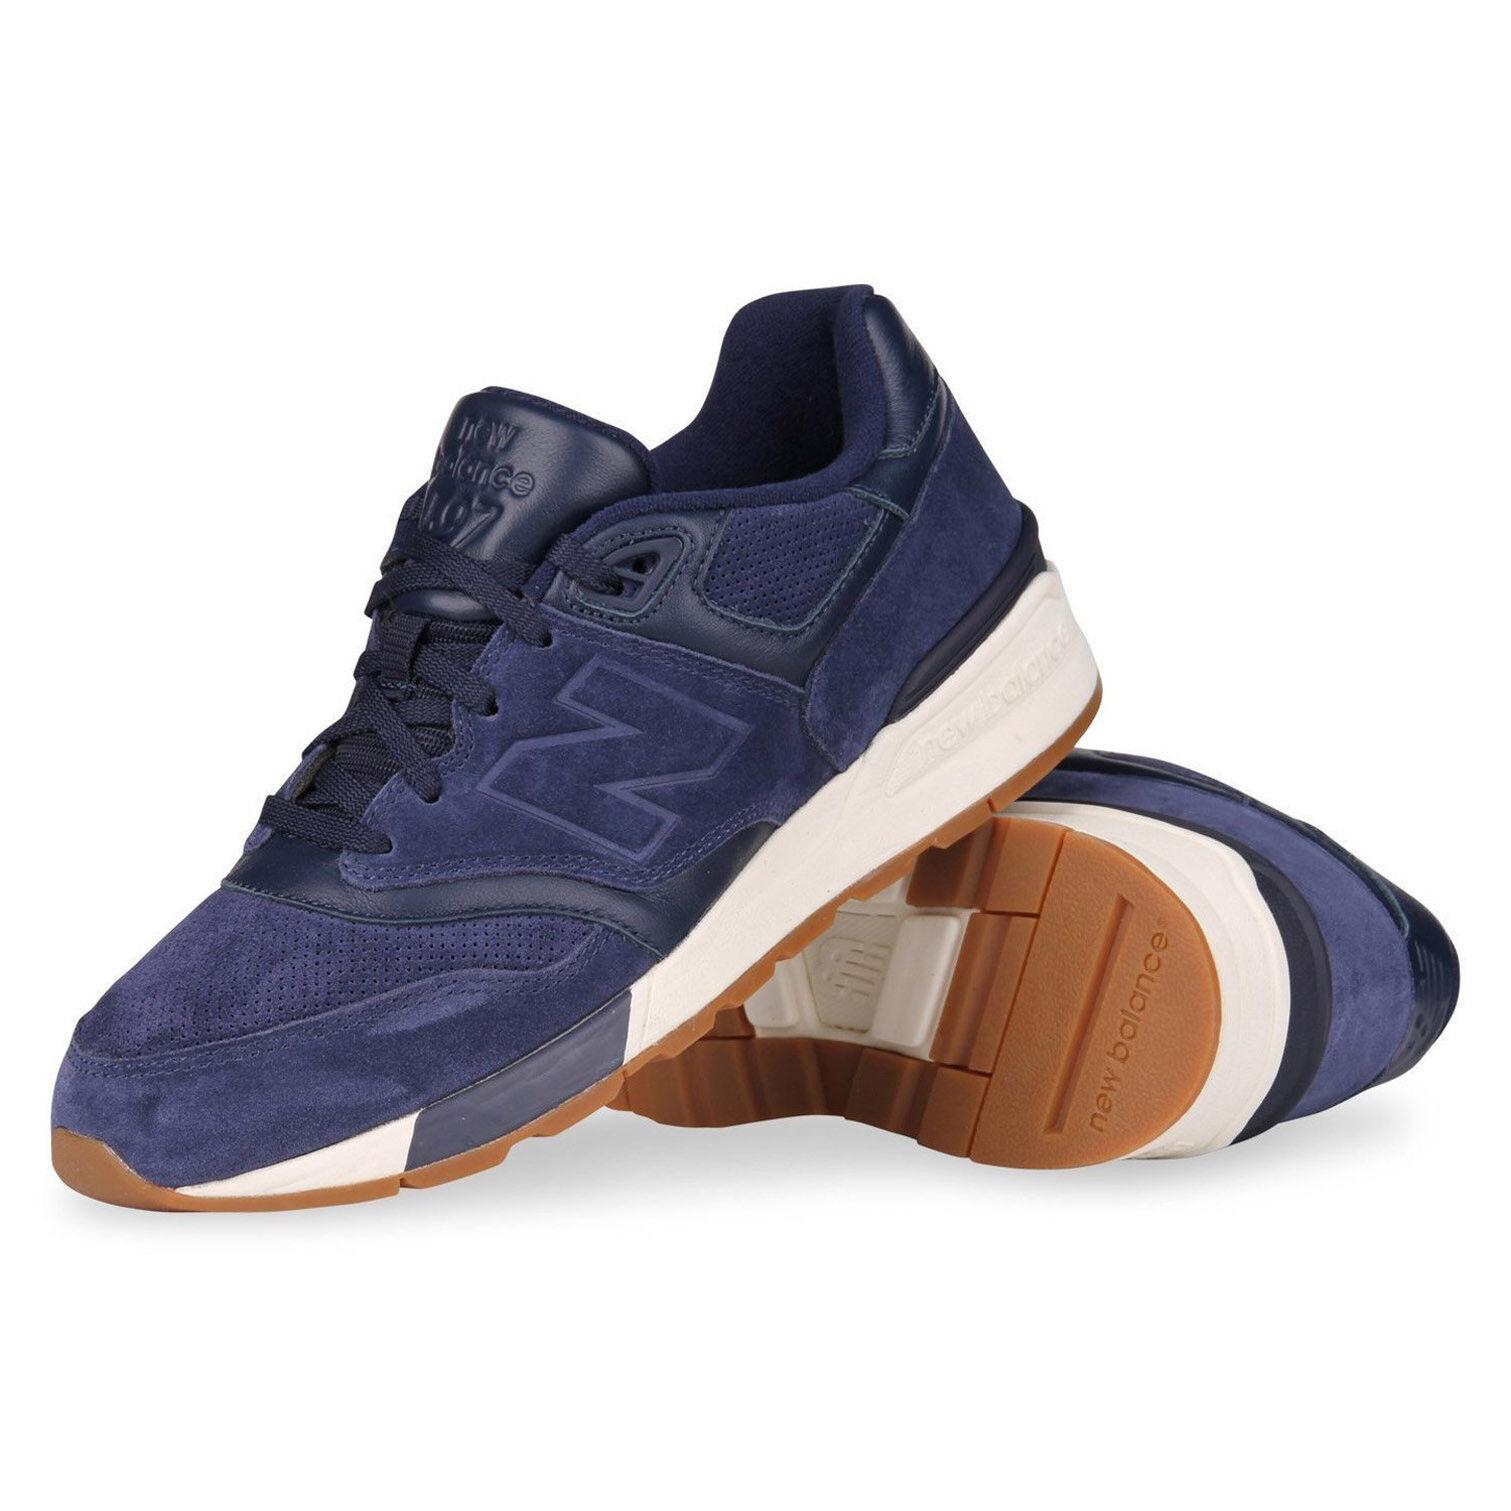 Nuovo equilibrio moda maschile marino scarpe classiche pigmento sale marino maschile ml597skf 64cbe7